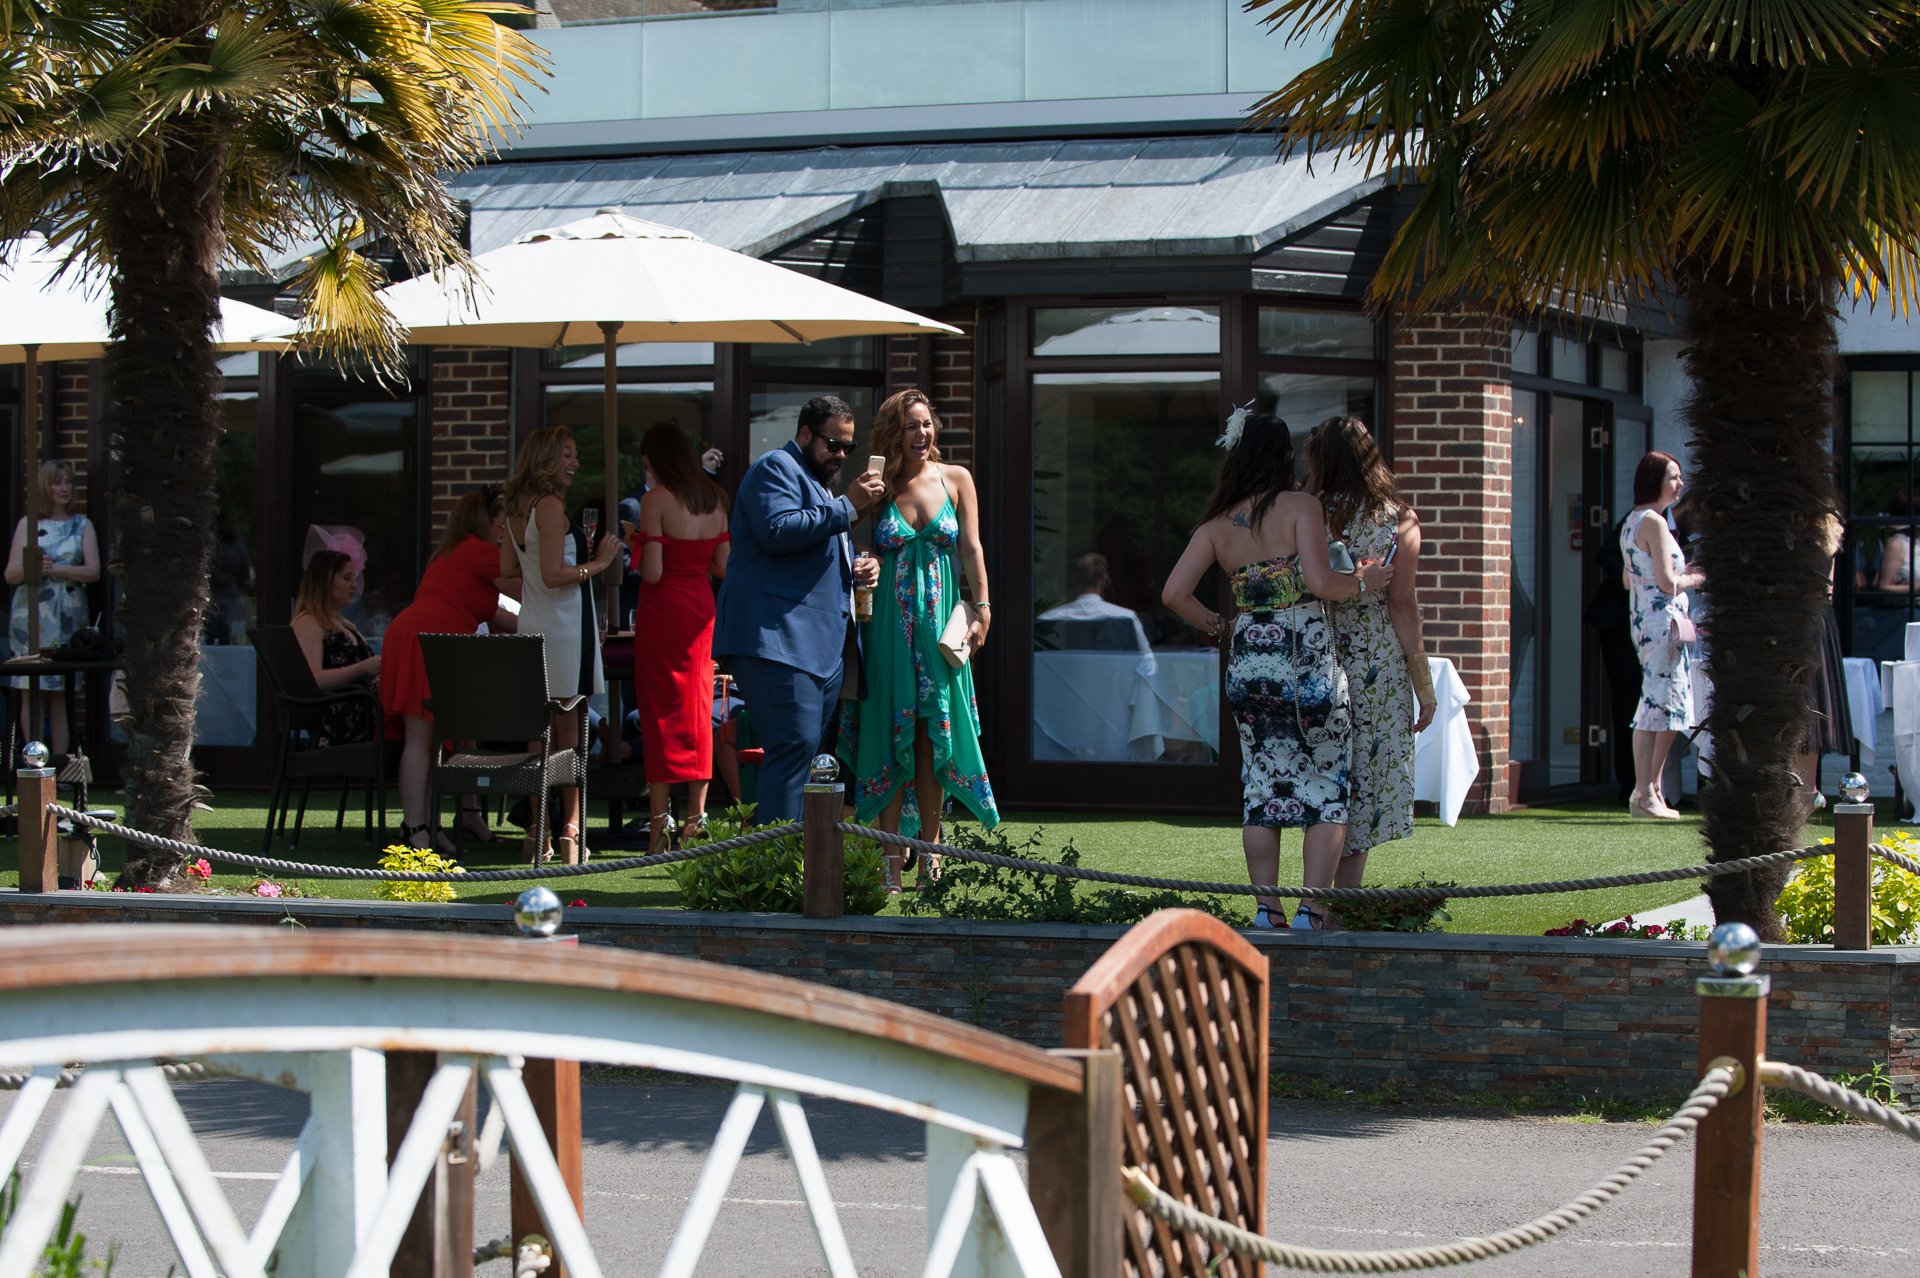 Frensham-Pond-Hotel-wedding_41.JPG